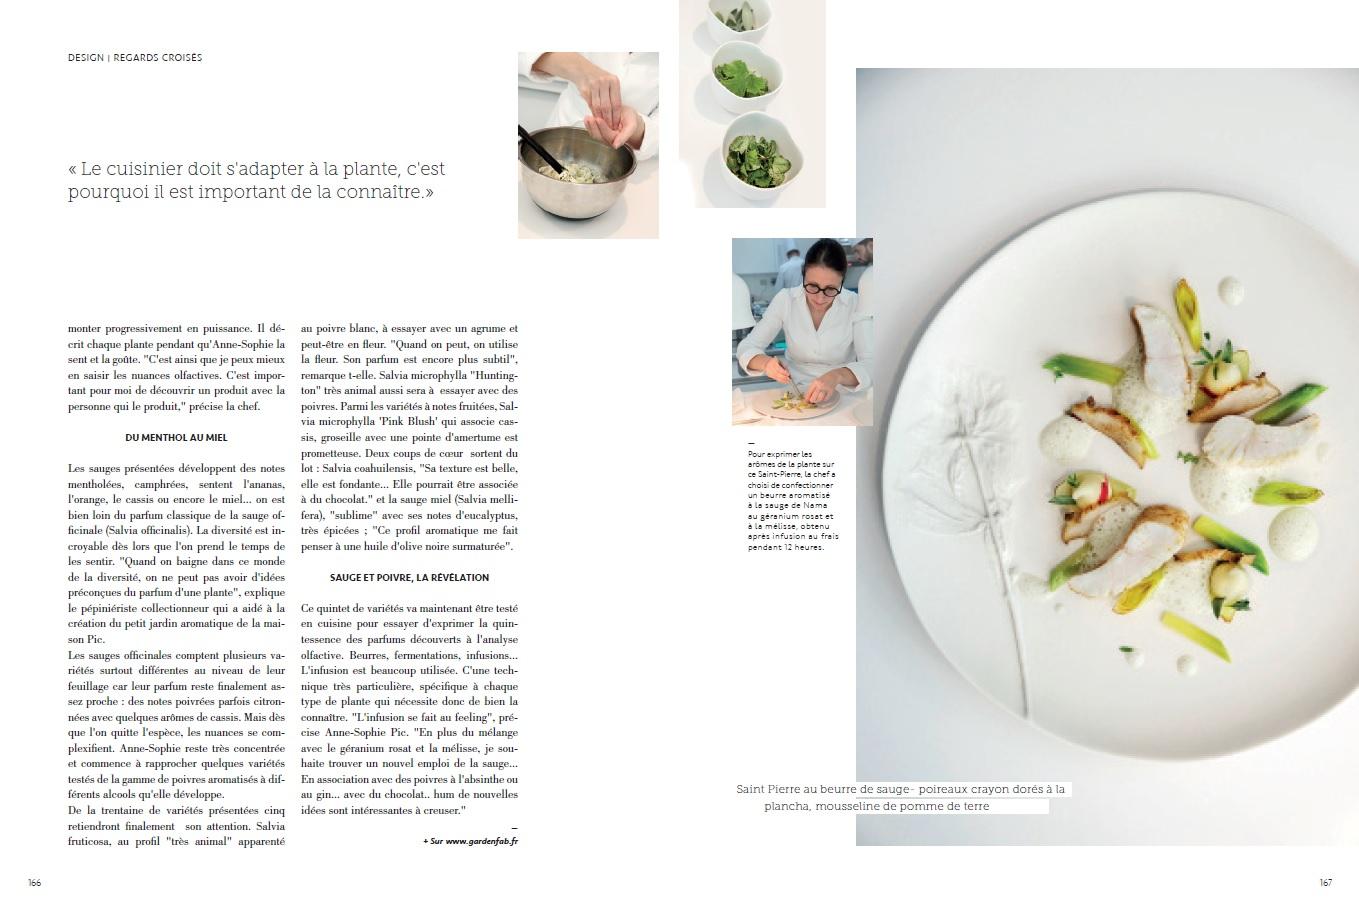 Laurent Bourgeois dans la cuisine d'Anne Sophie Pic